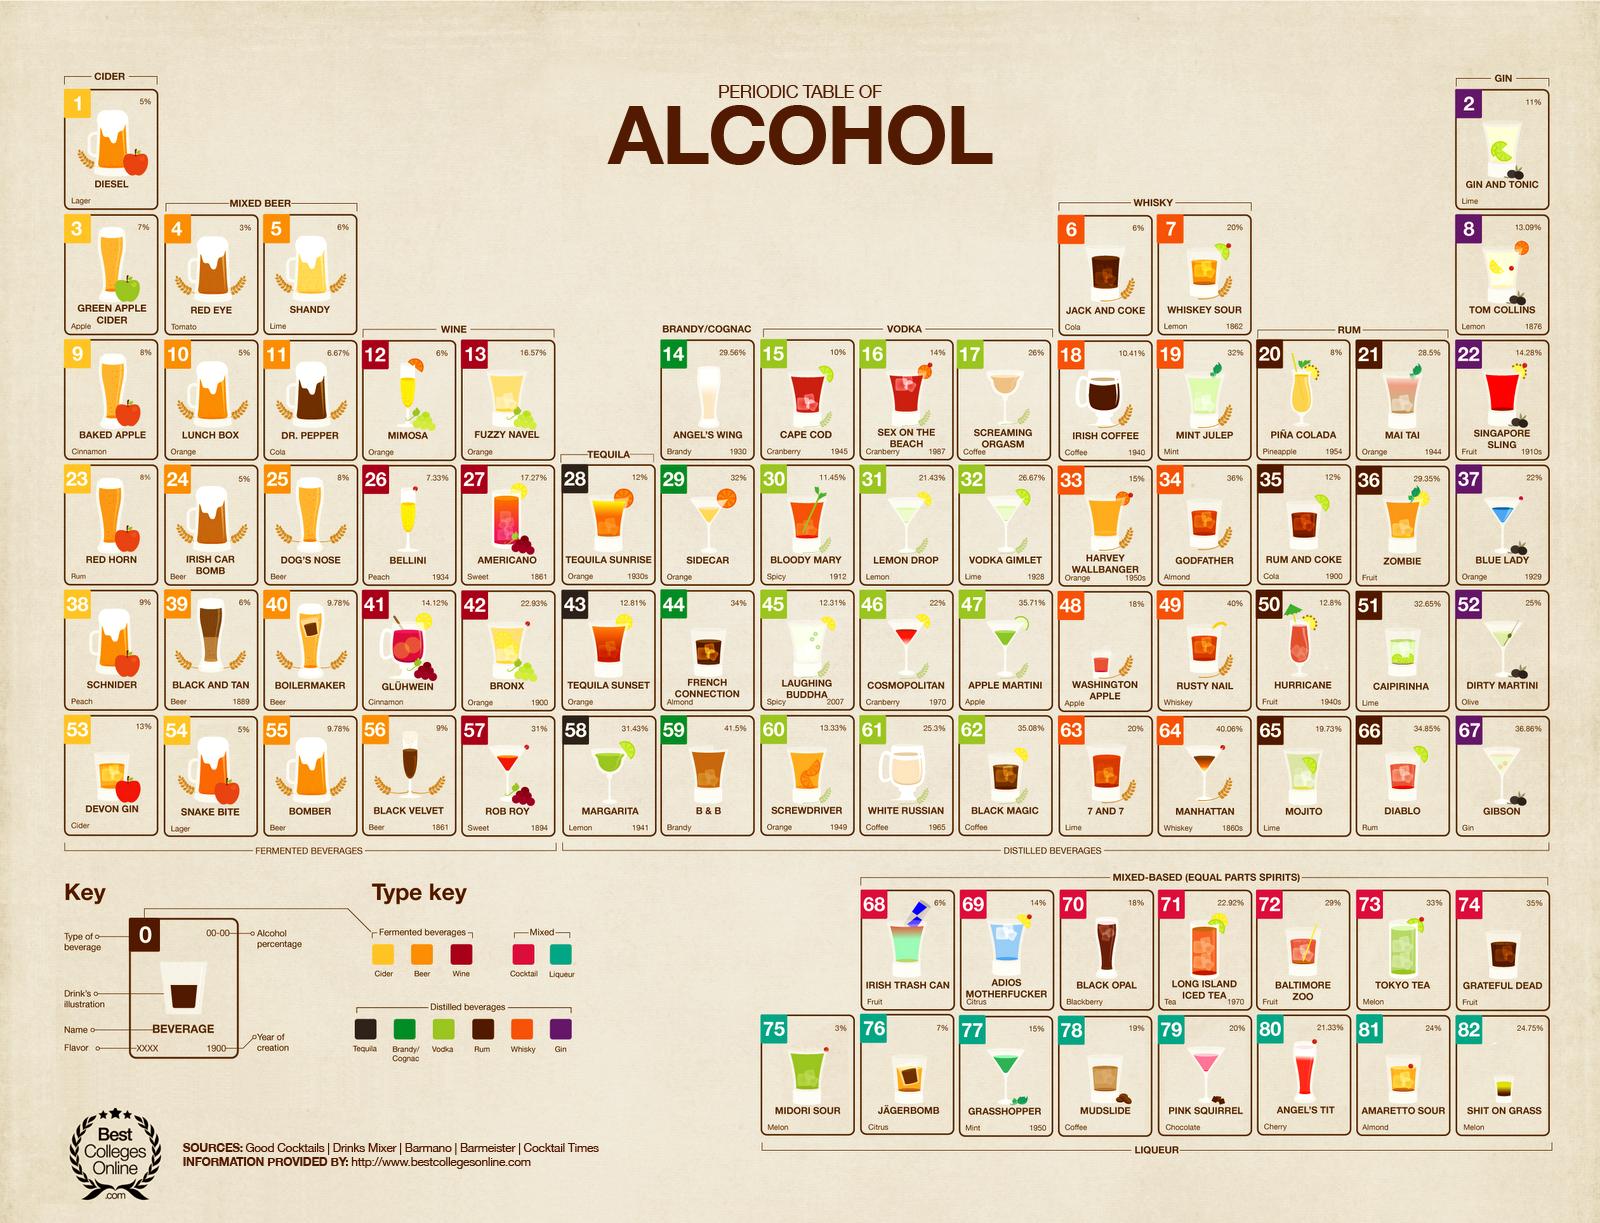 2013-09-13-periodictableofalcohol_52125c3245a7d1.png